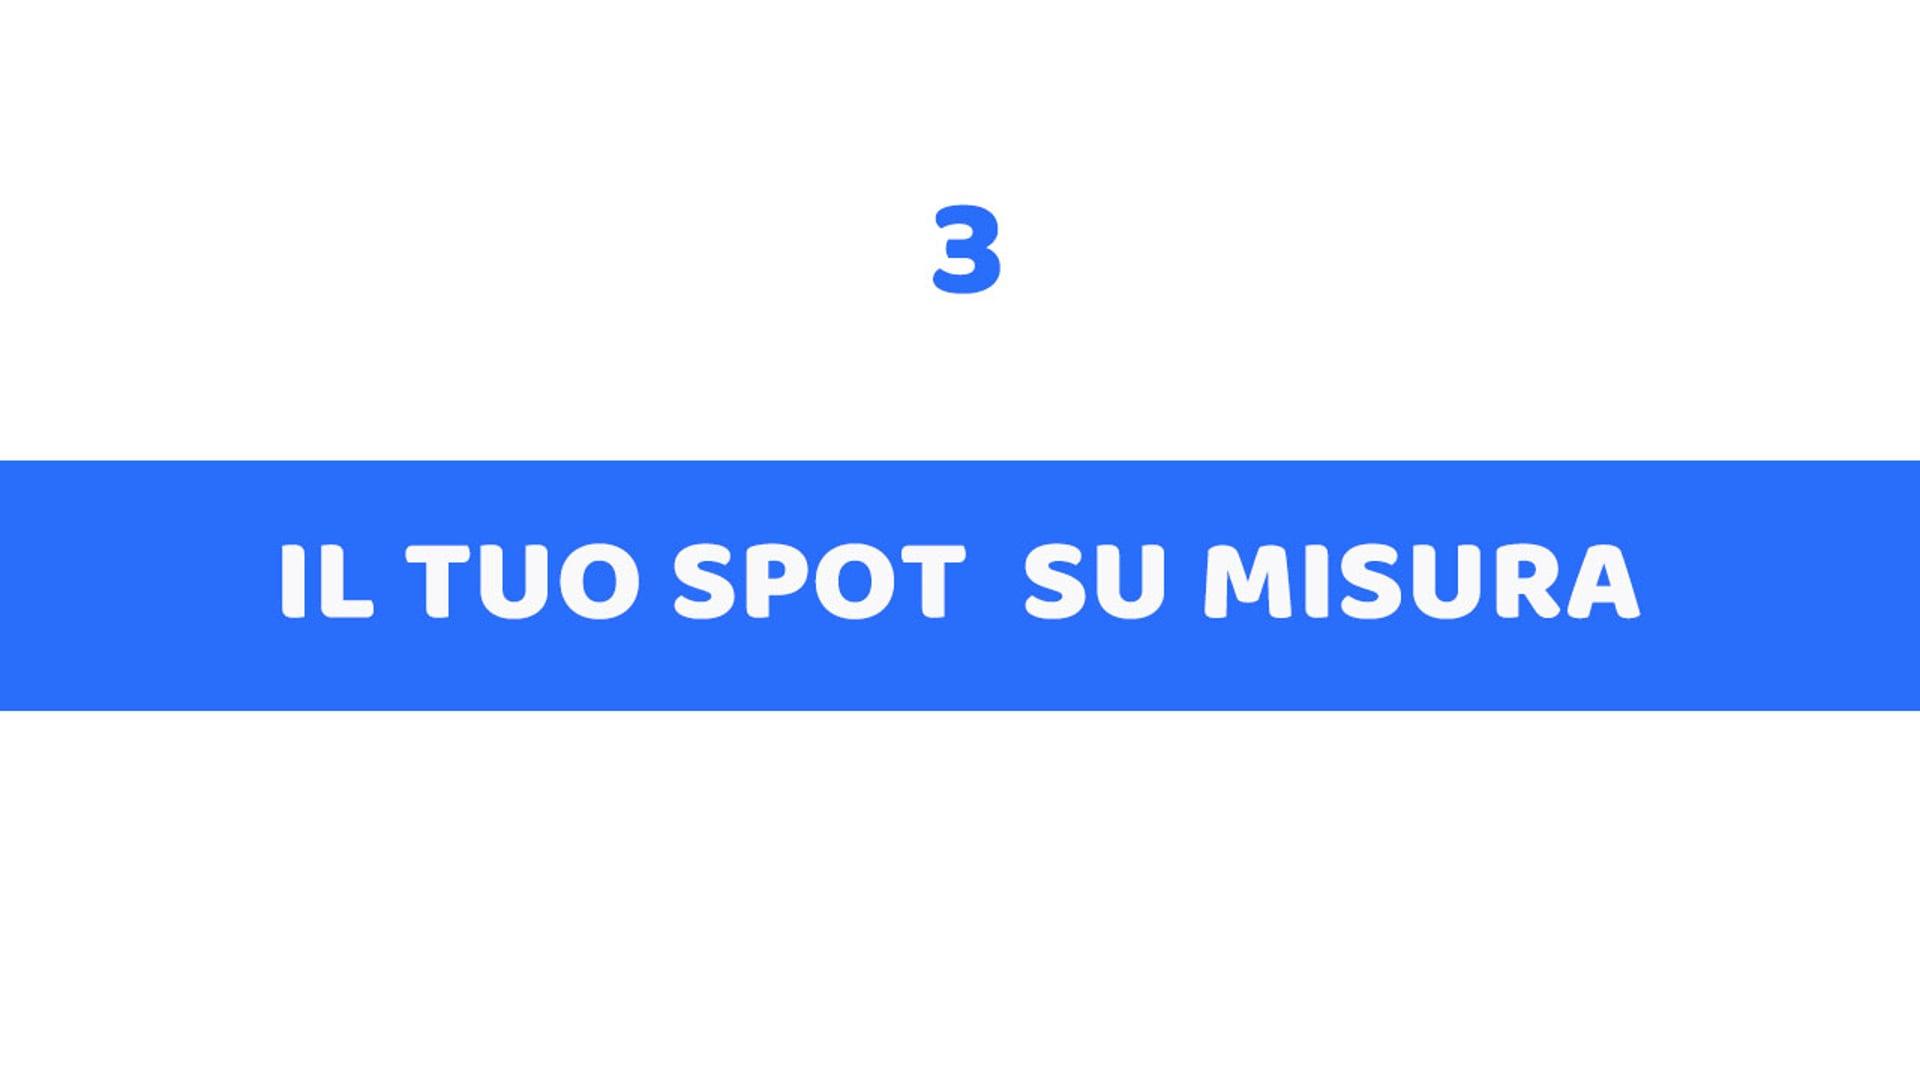 3 - IL TUO SPOT SU MISURA